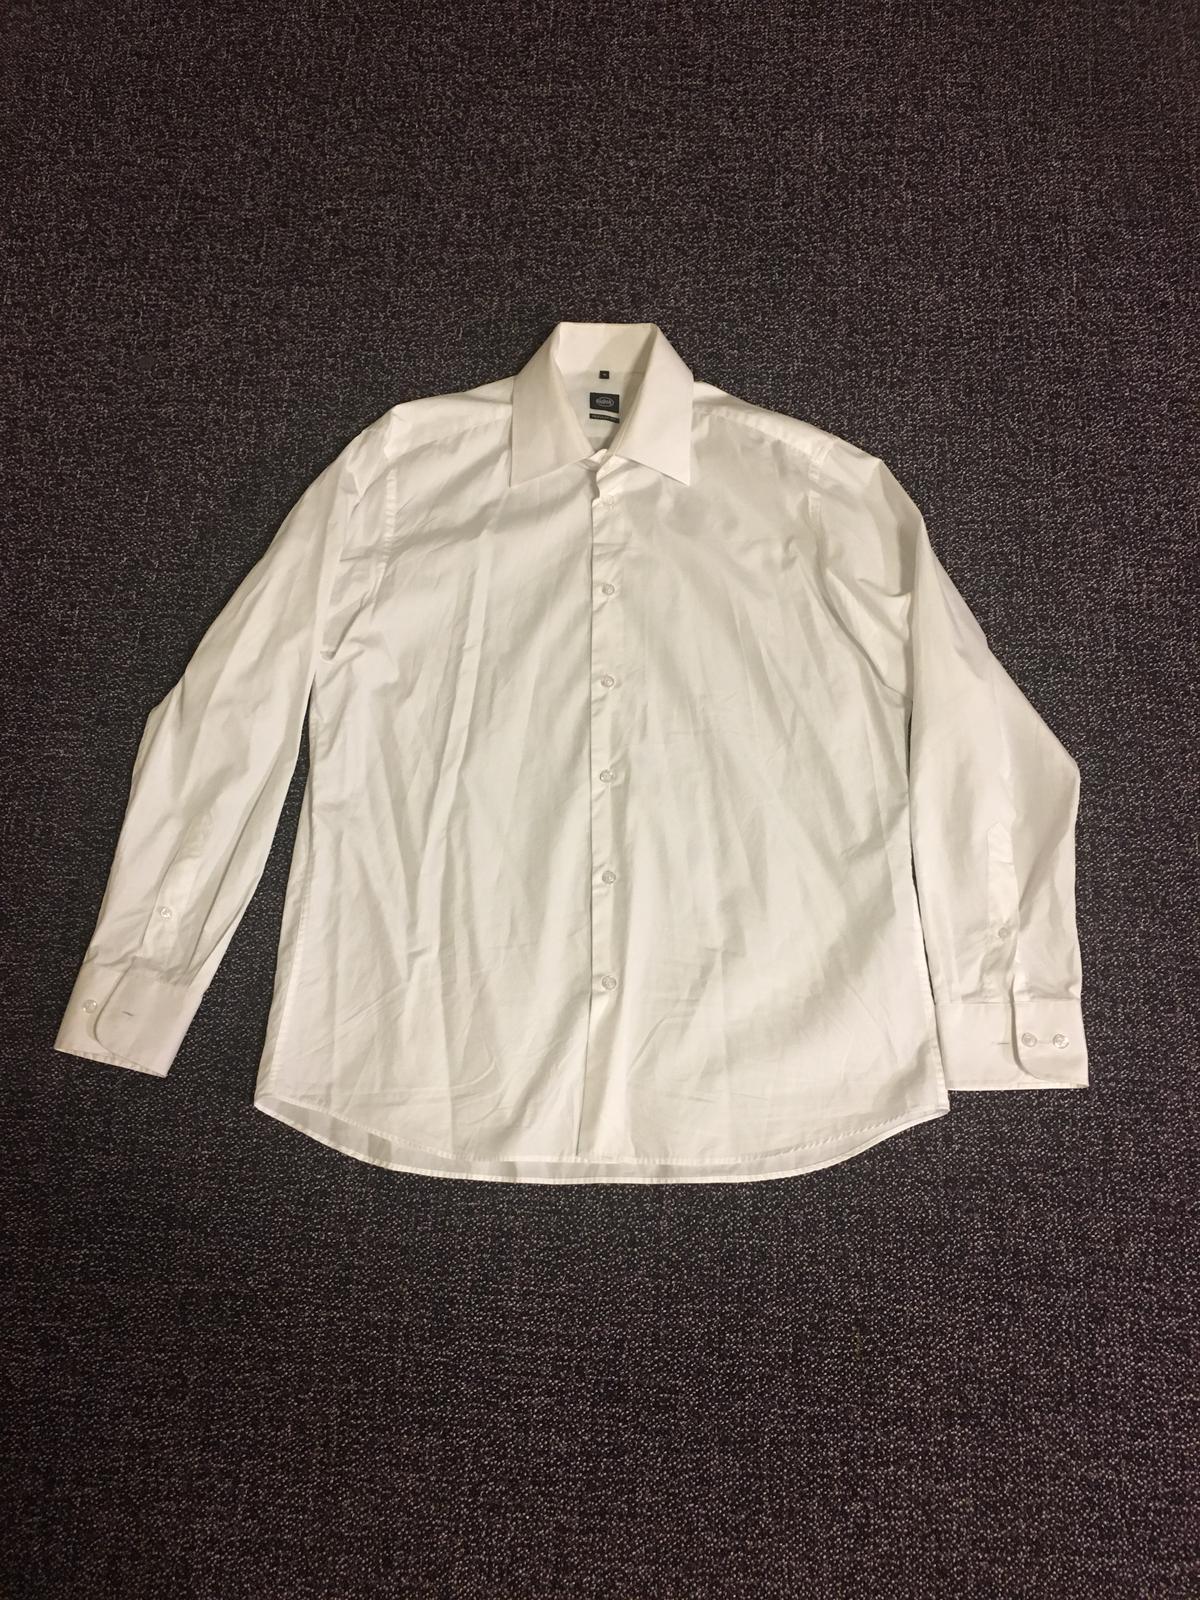 31e5a99c72c Bílá košile blažek